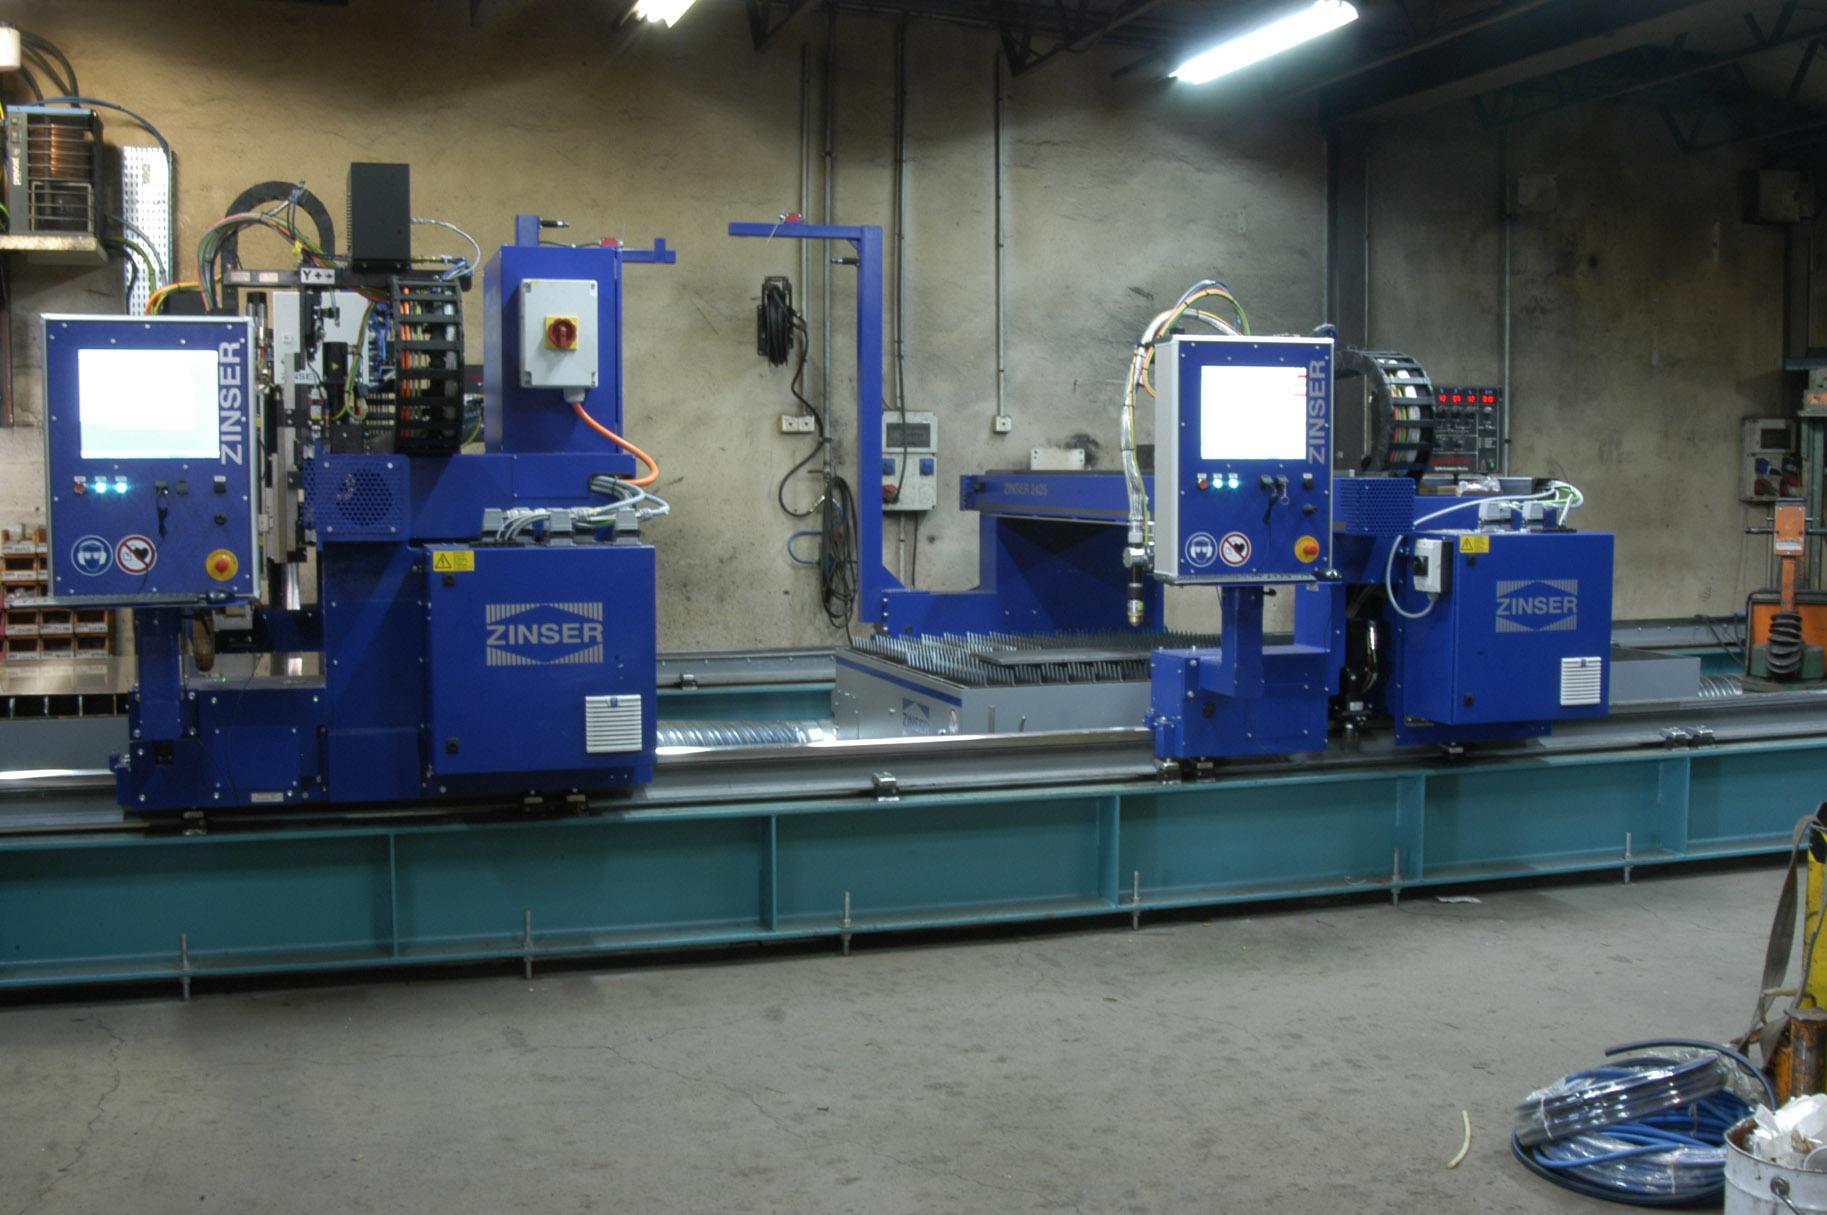 machineDSC_7430 copie